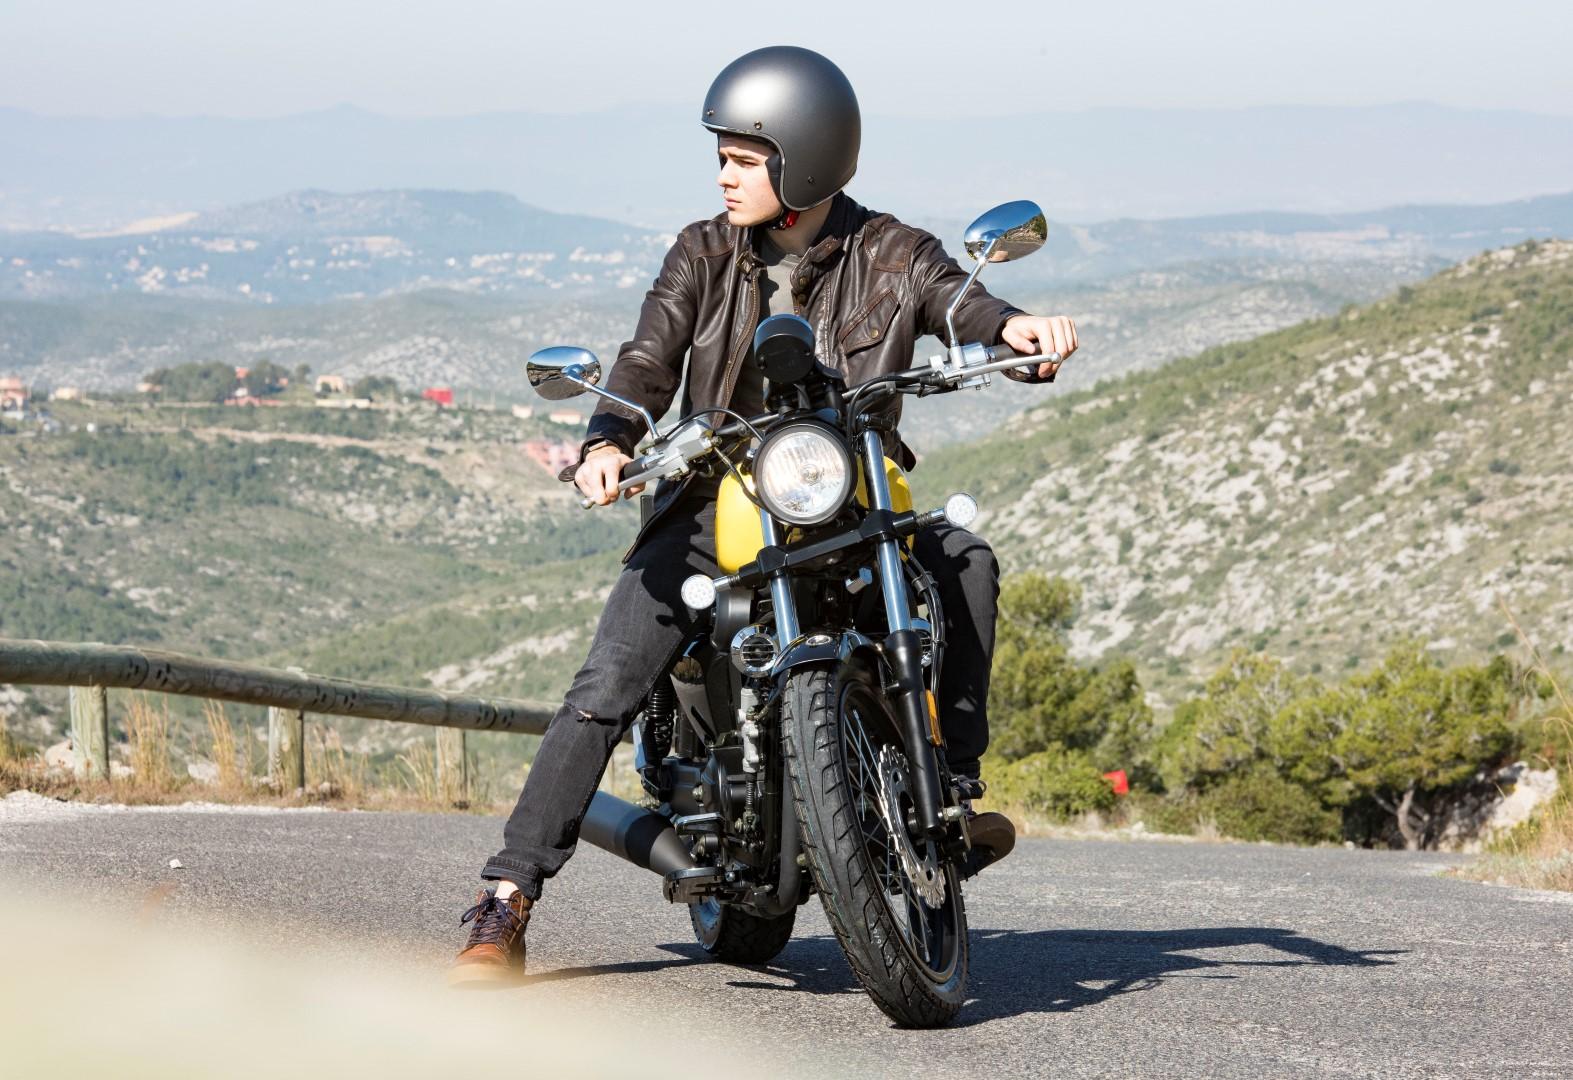 Llega la nueva marca de motos Macbor